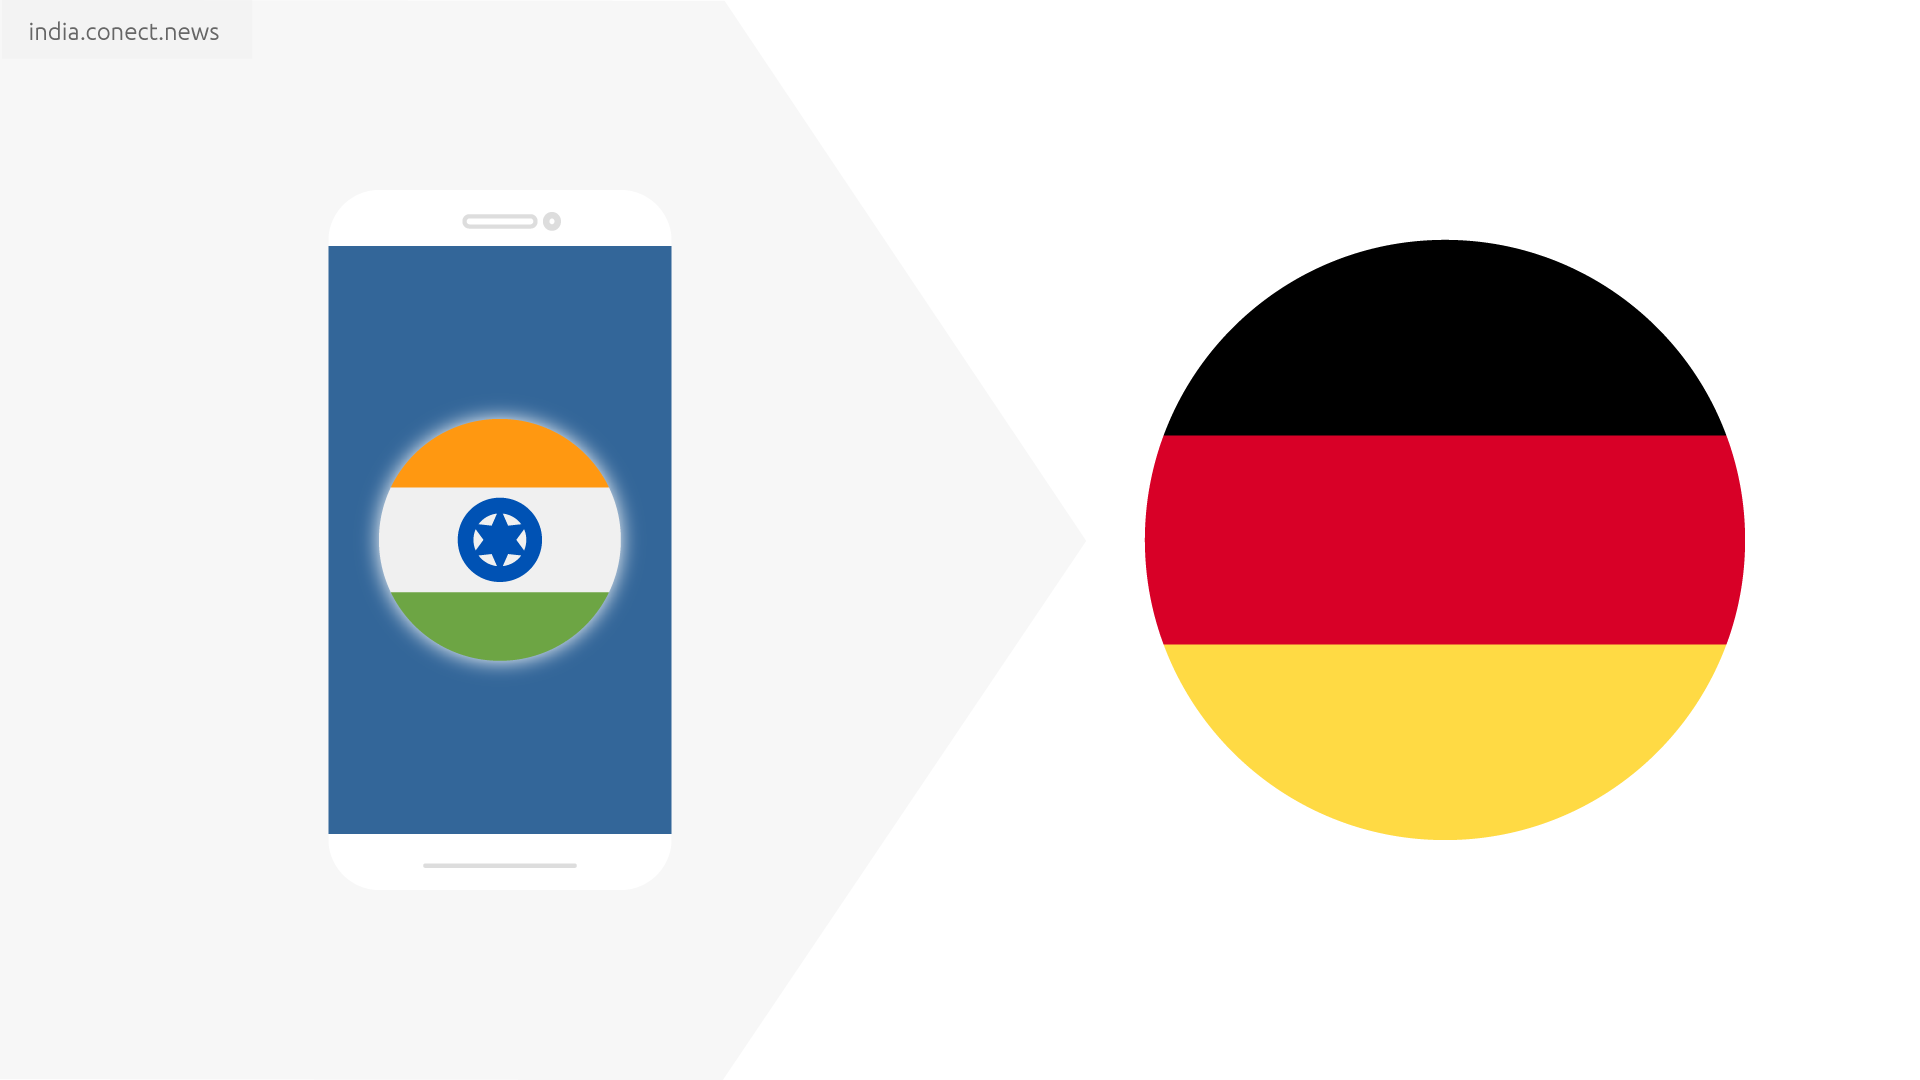 Indien-deutschland @conect_news